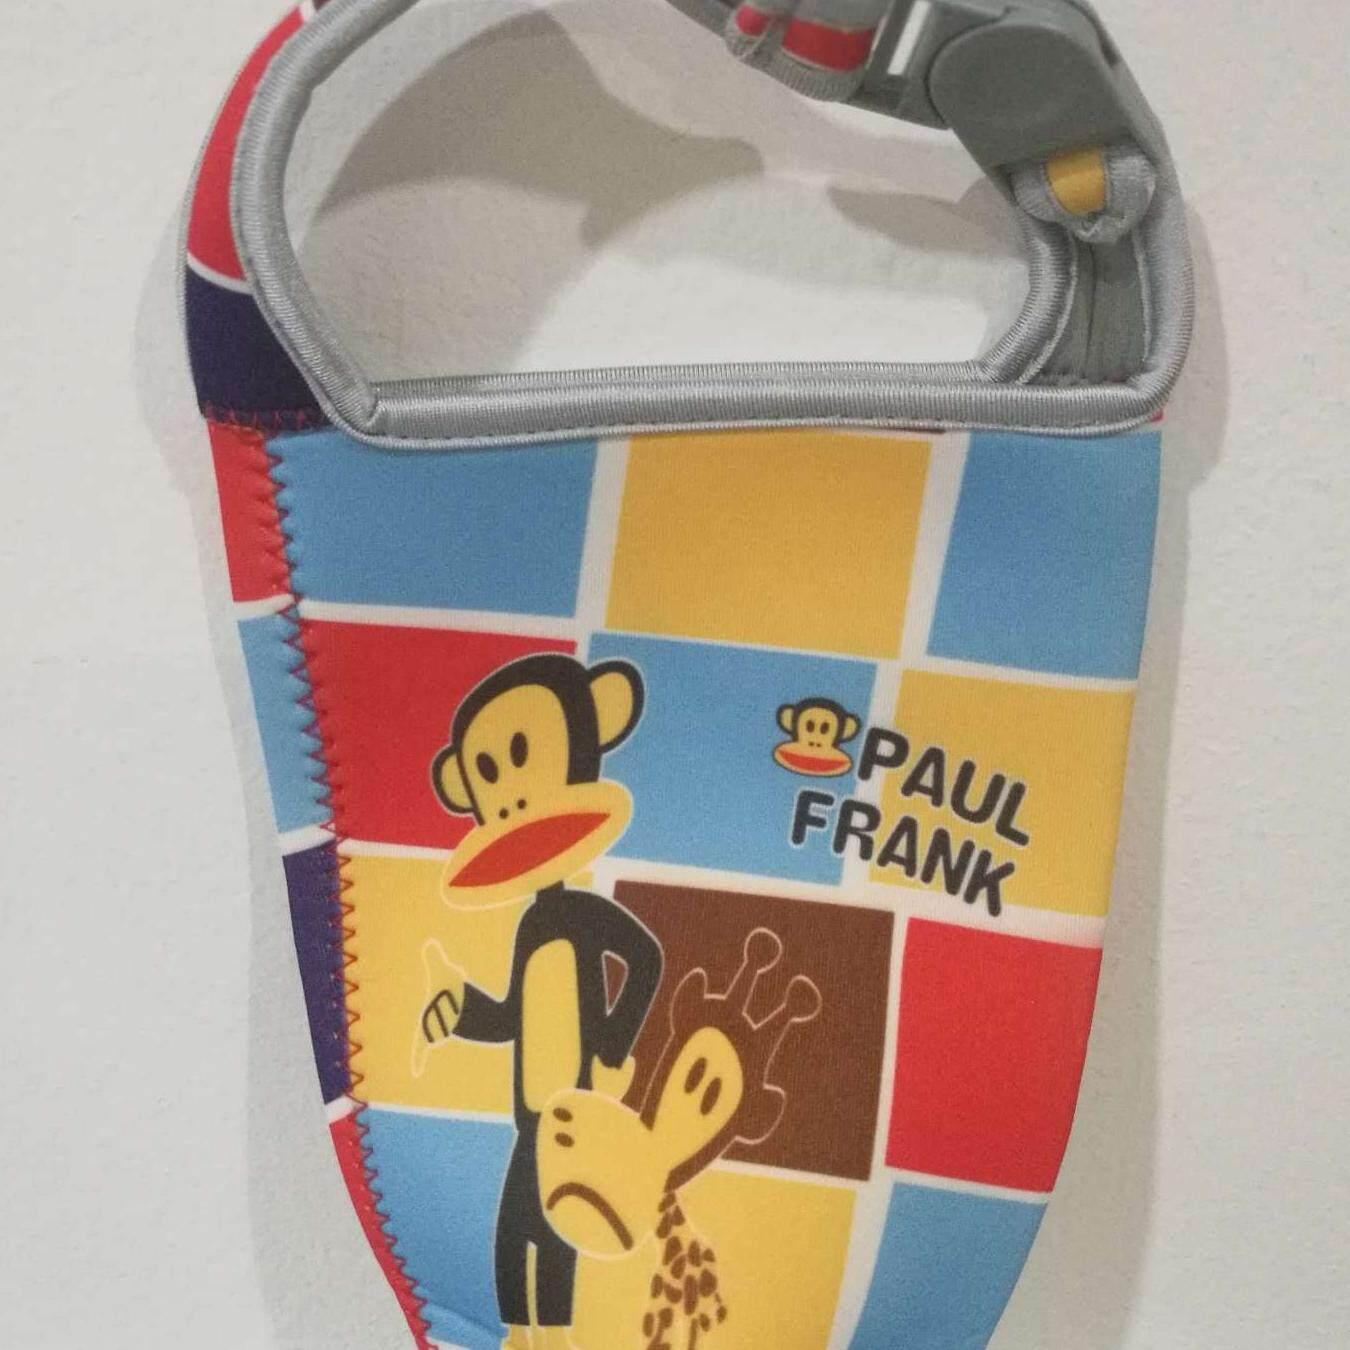 ถุงหิ้วแก้วน้ำyetiลายPaul frank